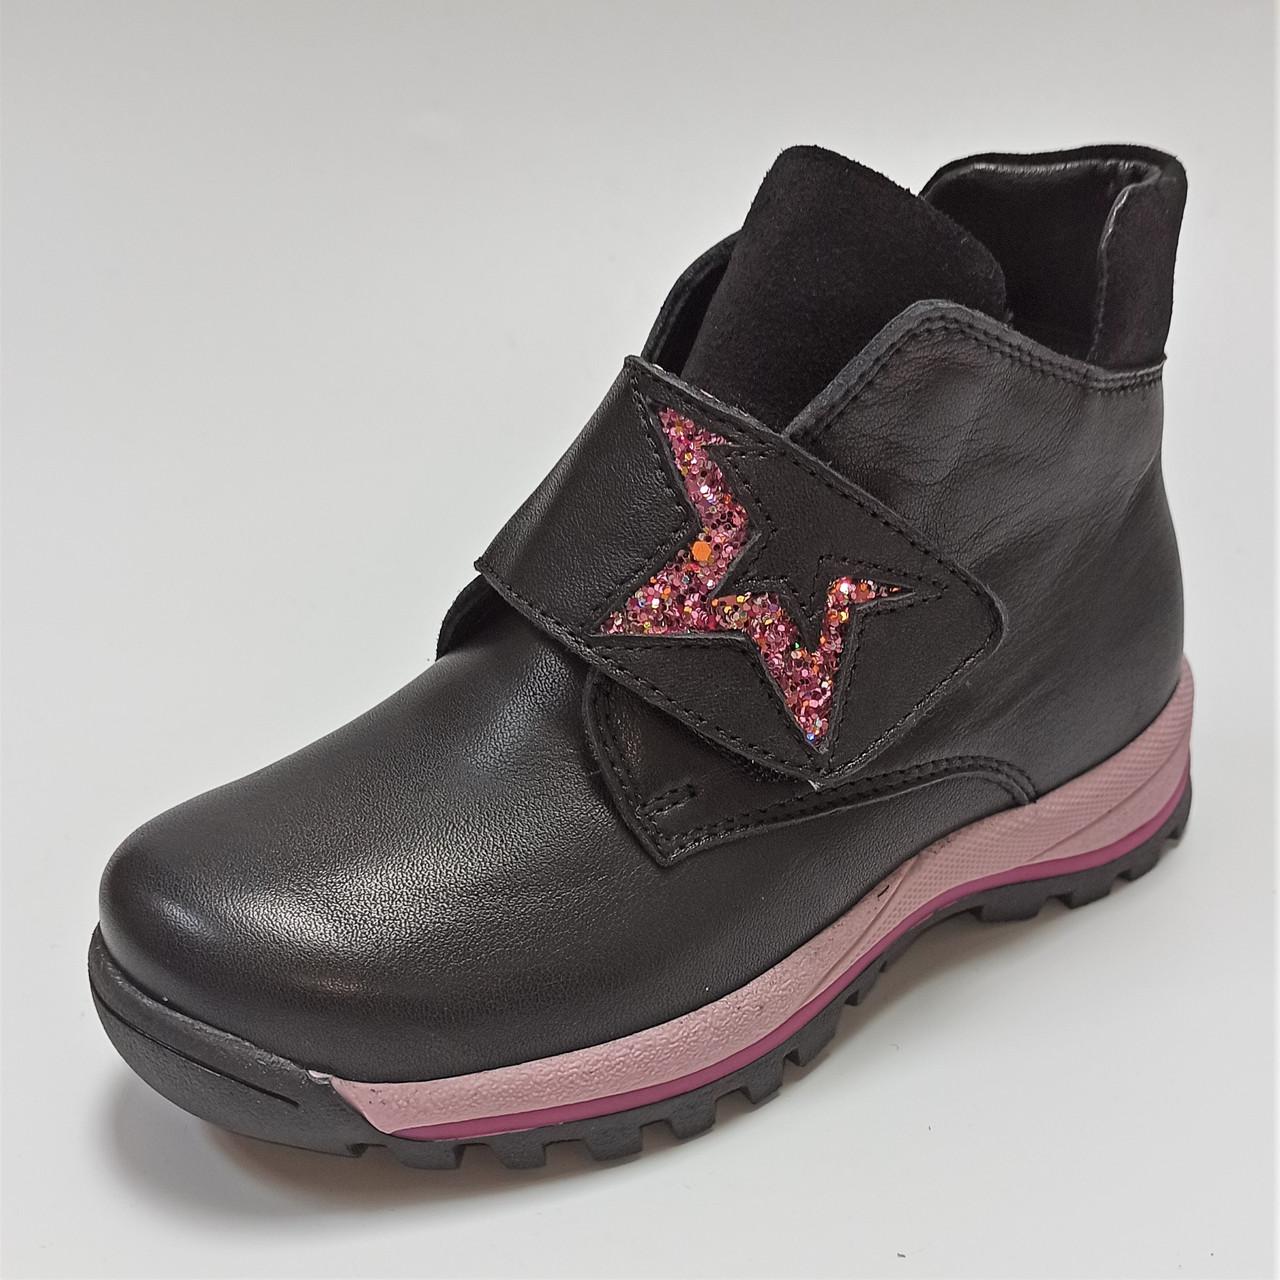 Демисезонные ботинки с розовым глиттером, LC Kids (код 1358) размеры: 26-30